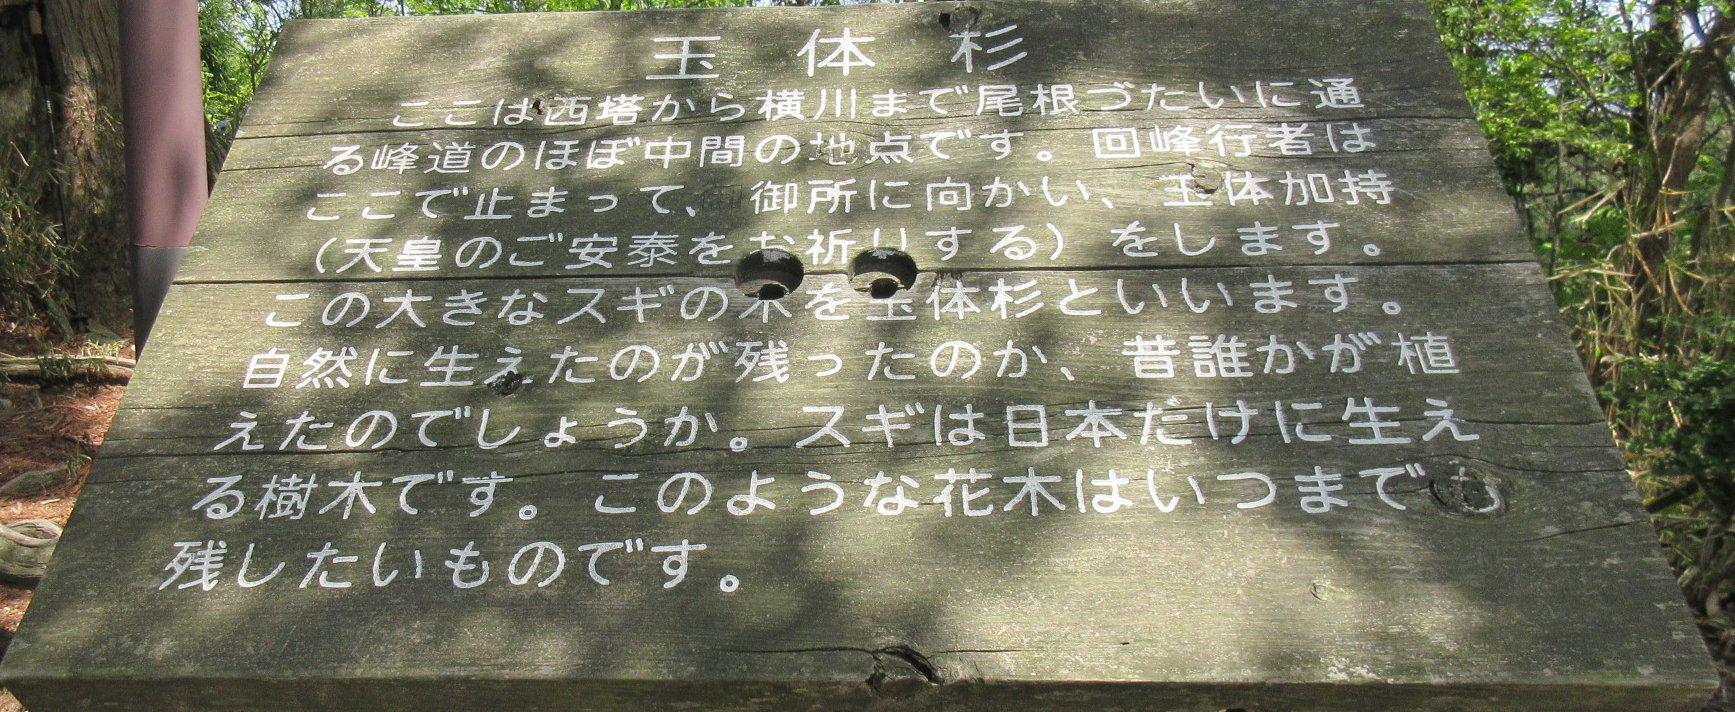 1605比叡山-35-IMG_0298玉体杉説明